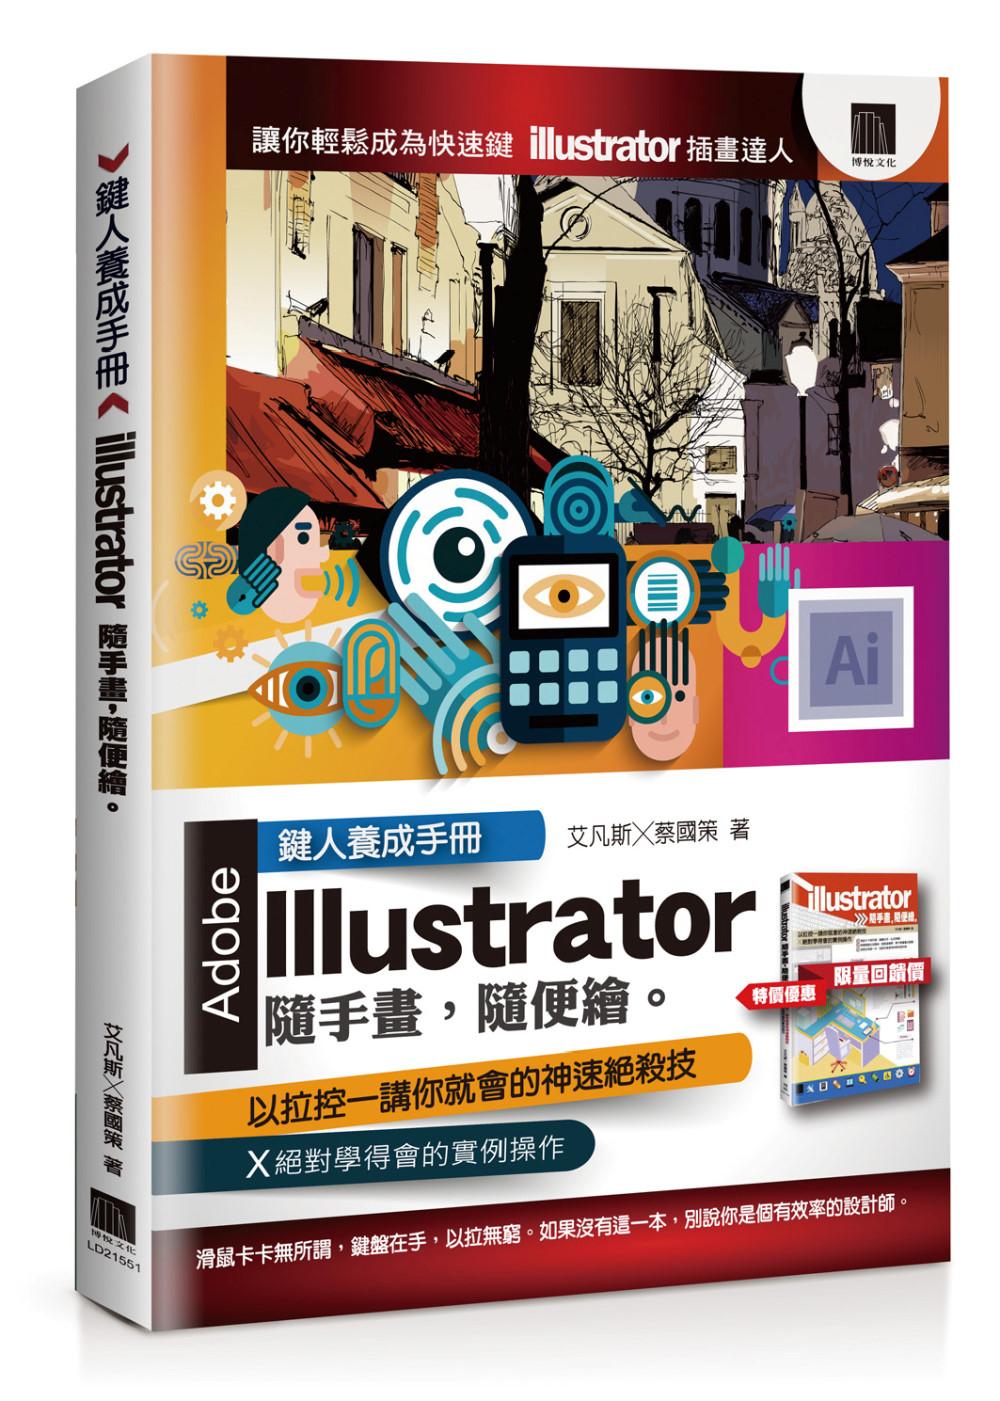 鍵人養成手冊:illustrator隨手畫,隨便繪。